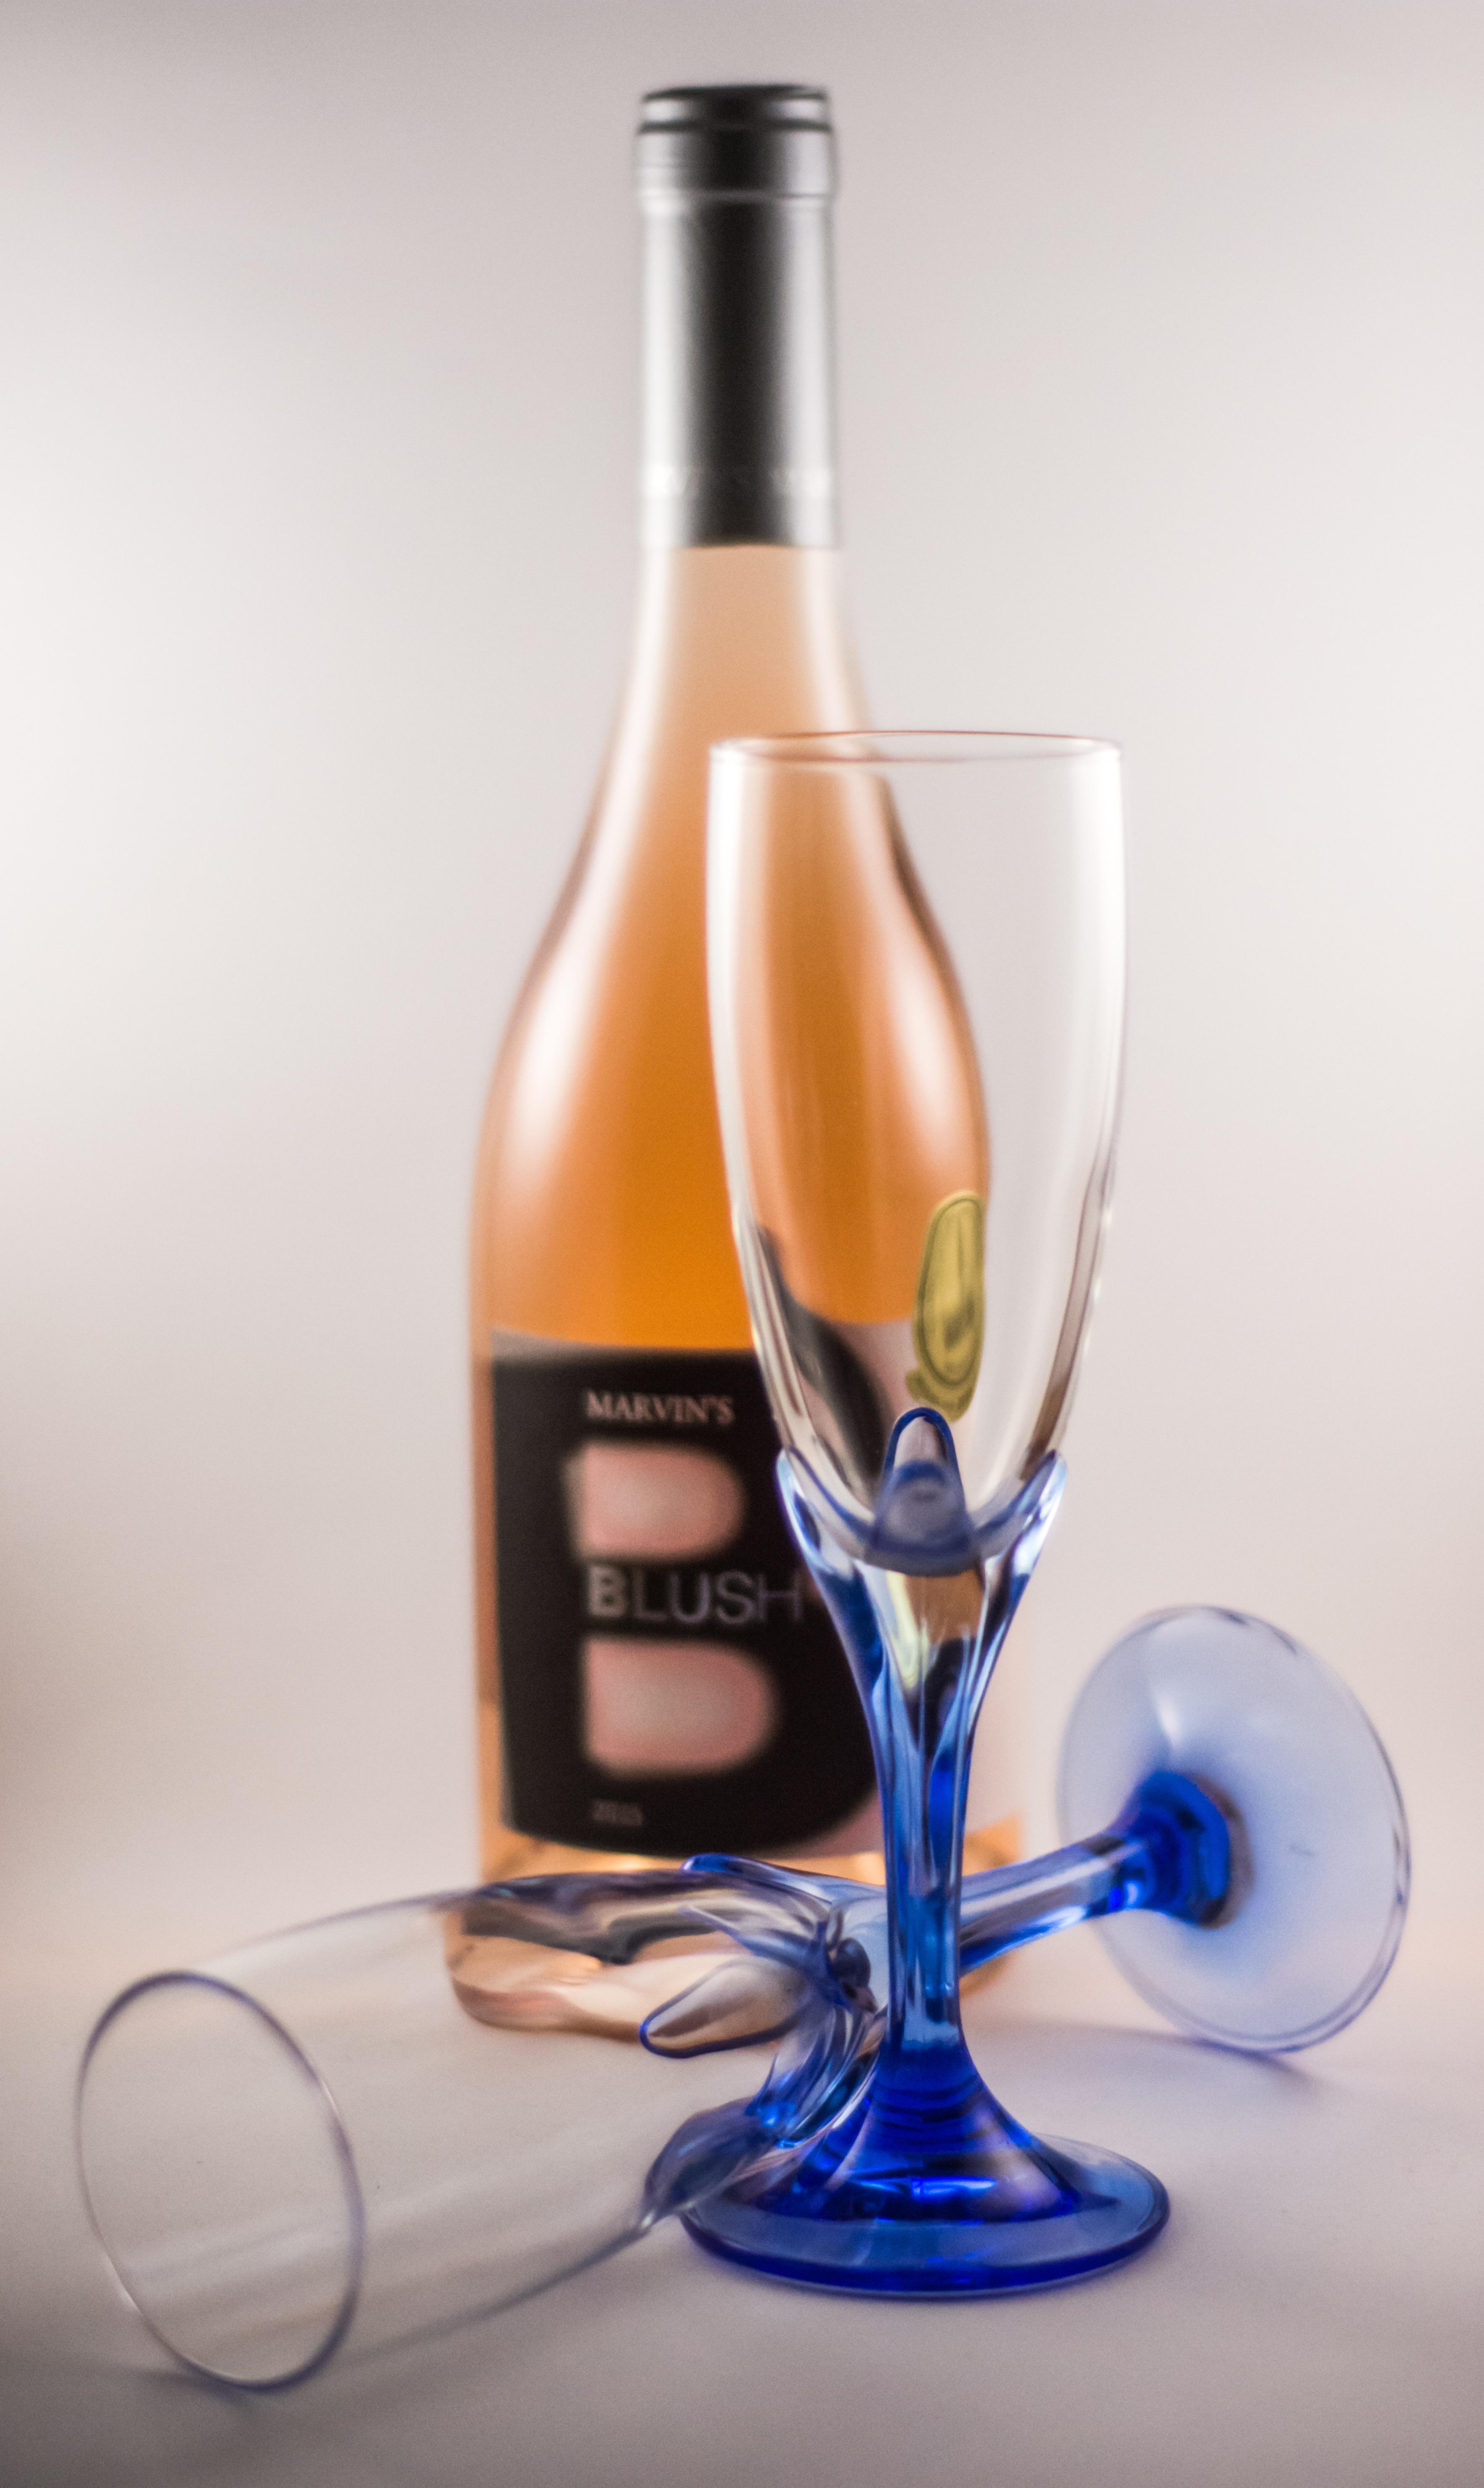 Images Gratuites Du Vin Cru Bar Vin Rouge Bouteille De Vin